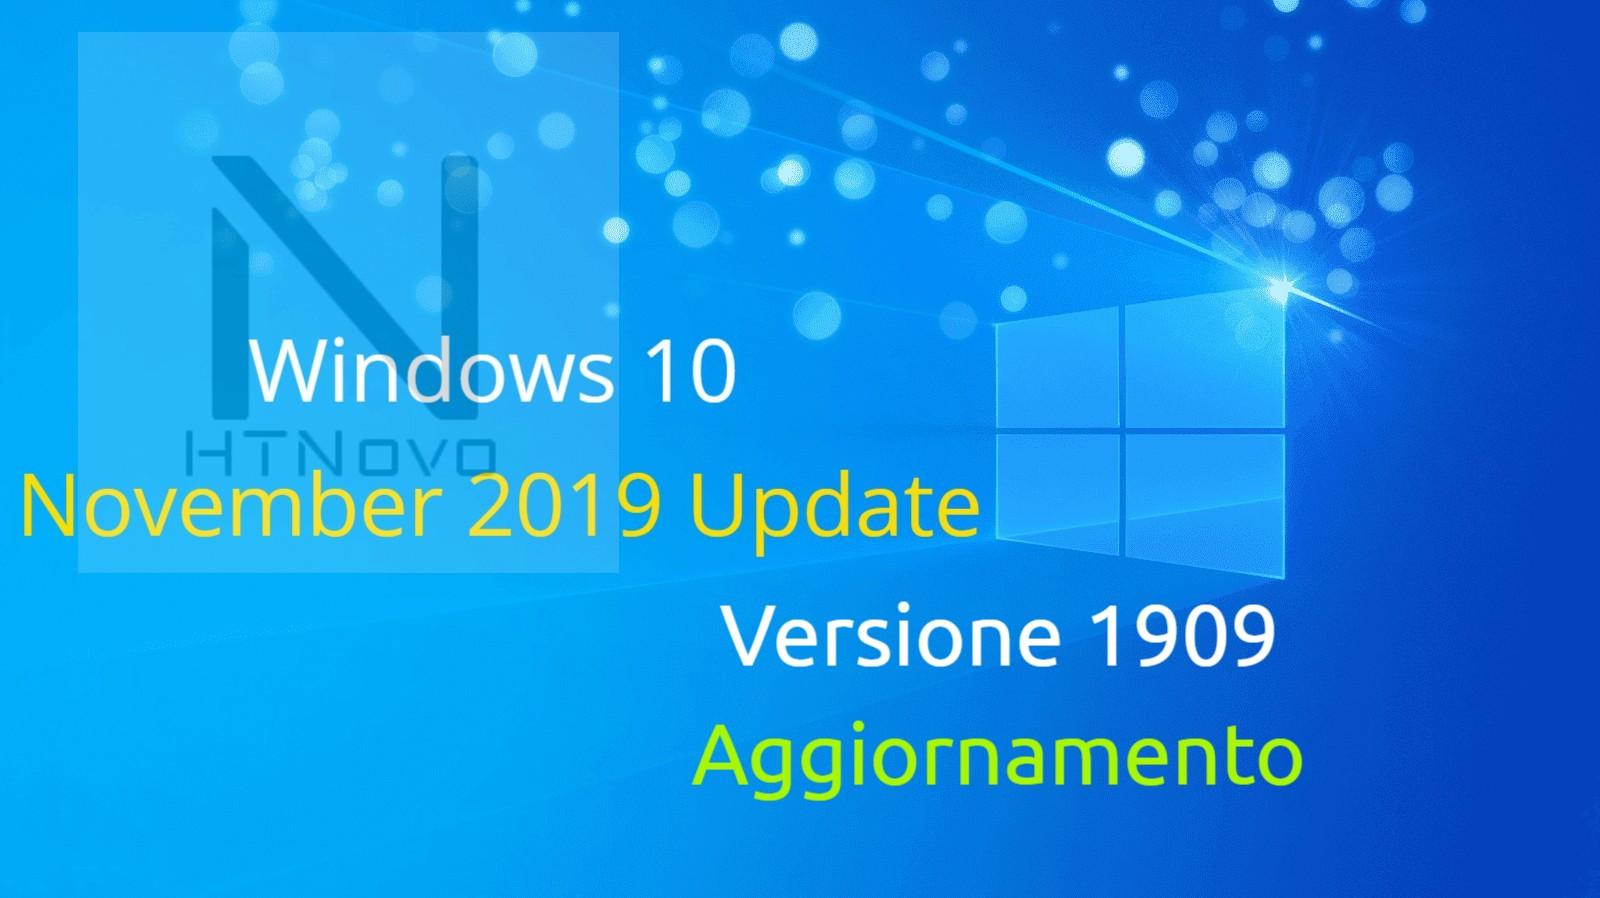 Aggiornamento per Windows 10 versioni 1903 e 1909 - Build 18362.476 e 18363.476